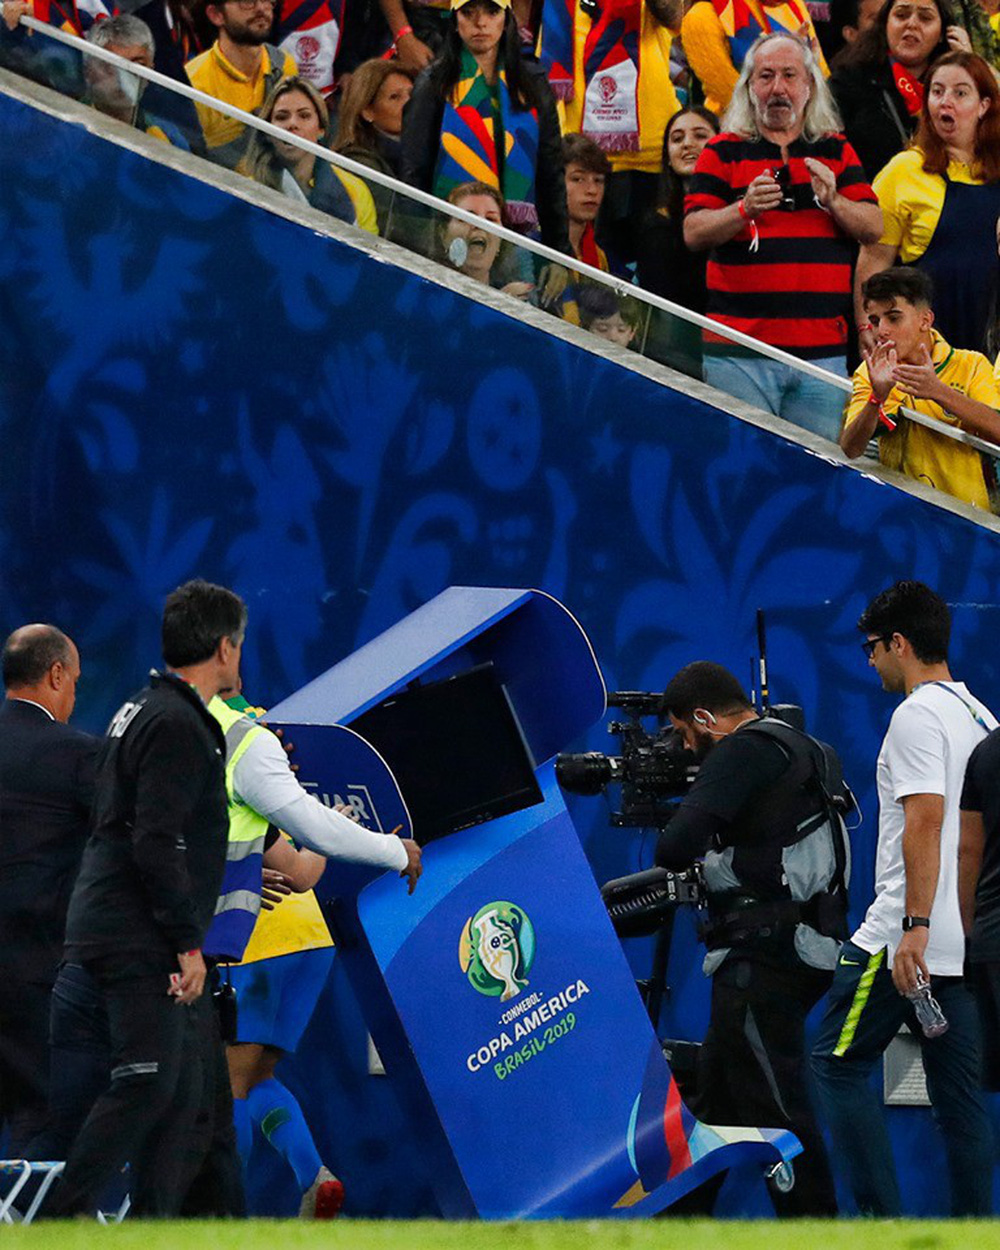 Ghi bàn, kiến tạo rồi ăn thẻ đỏ, tiền đạo Brazil sút tung chai nước, đẩy ngã màn hình VAR rồi khóc như trẻ con trong đường hầm - Ảnh 5.